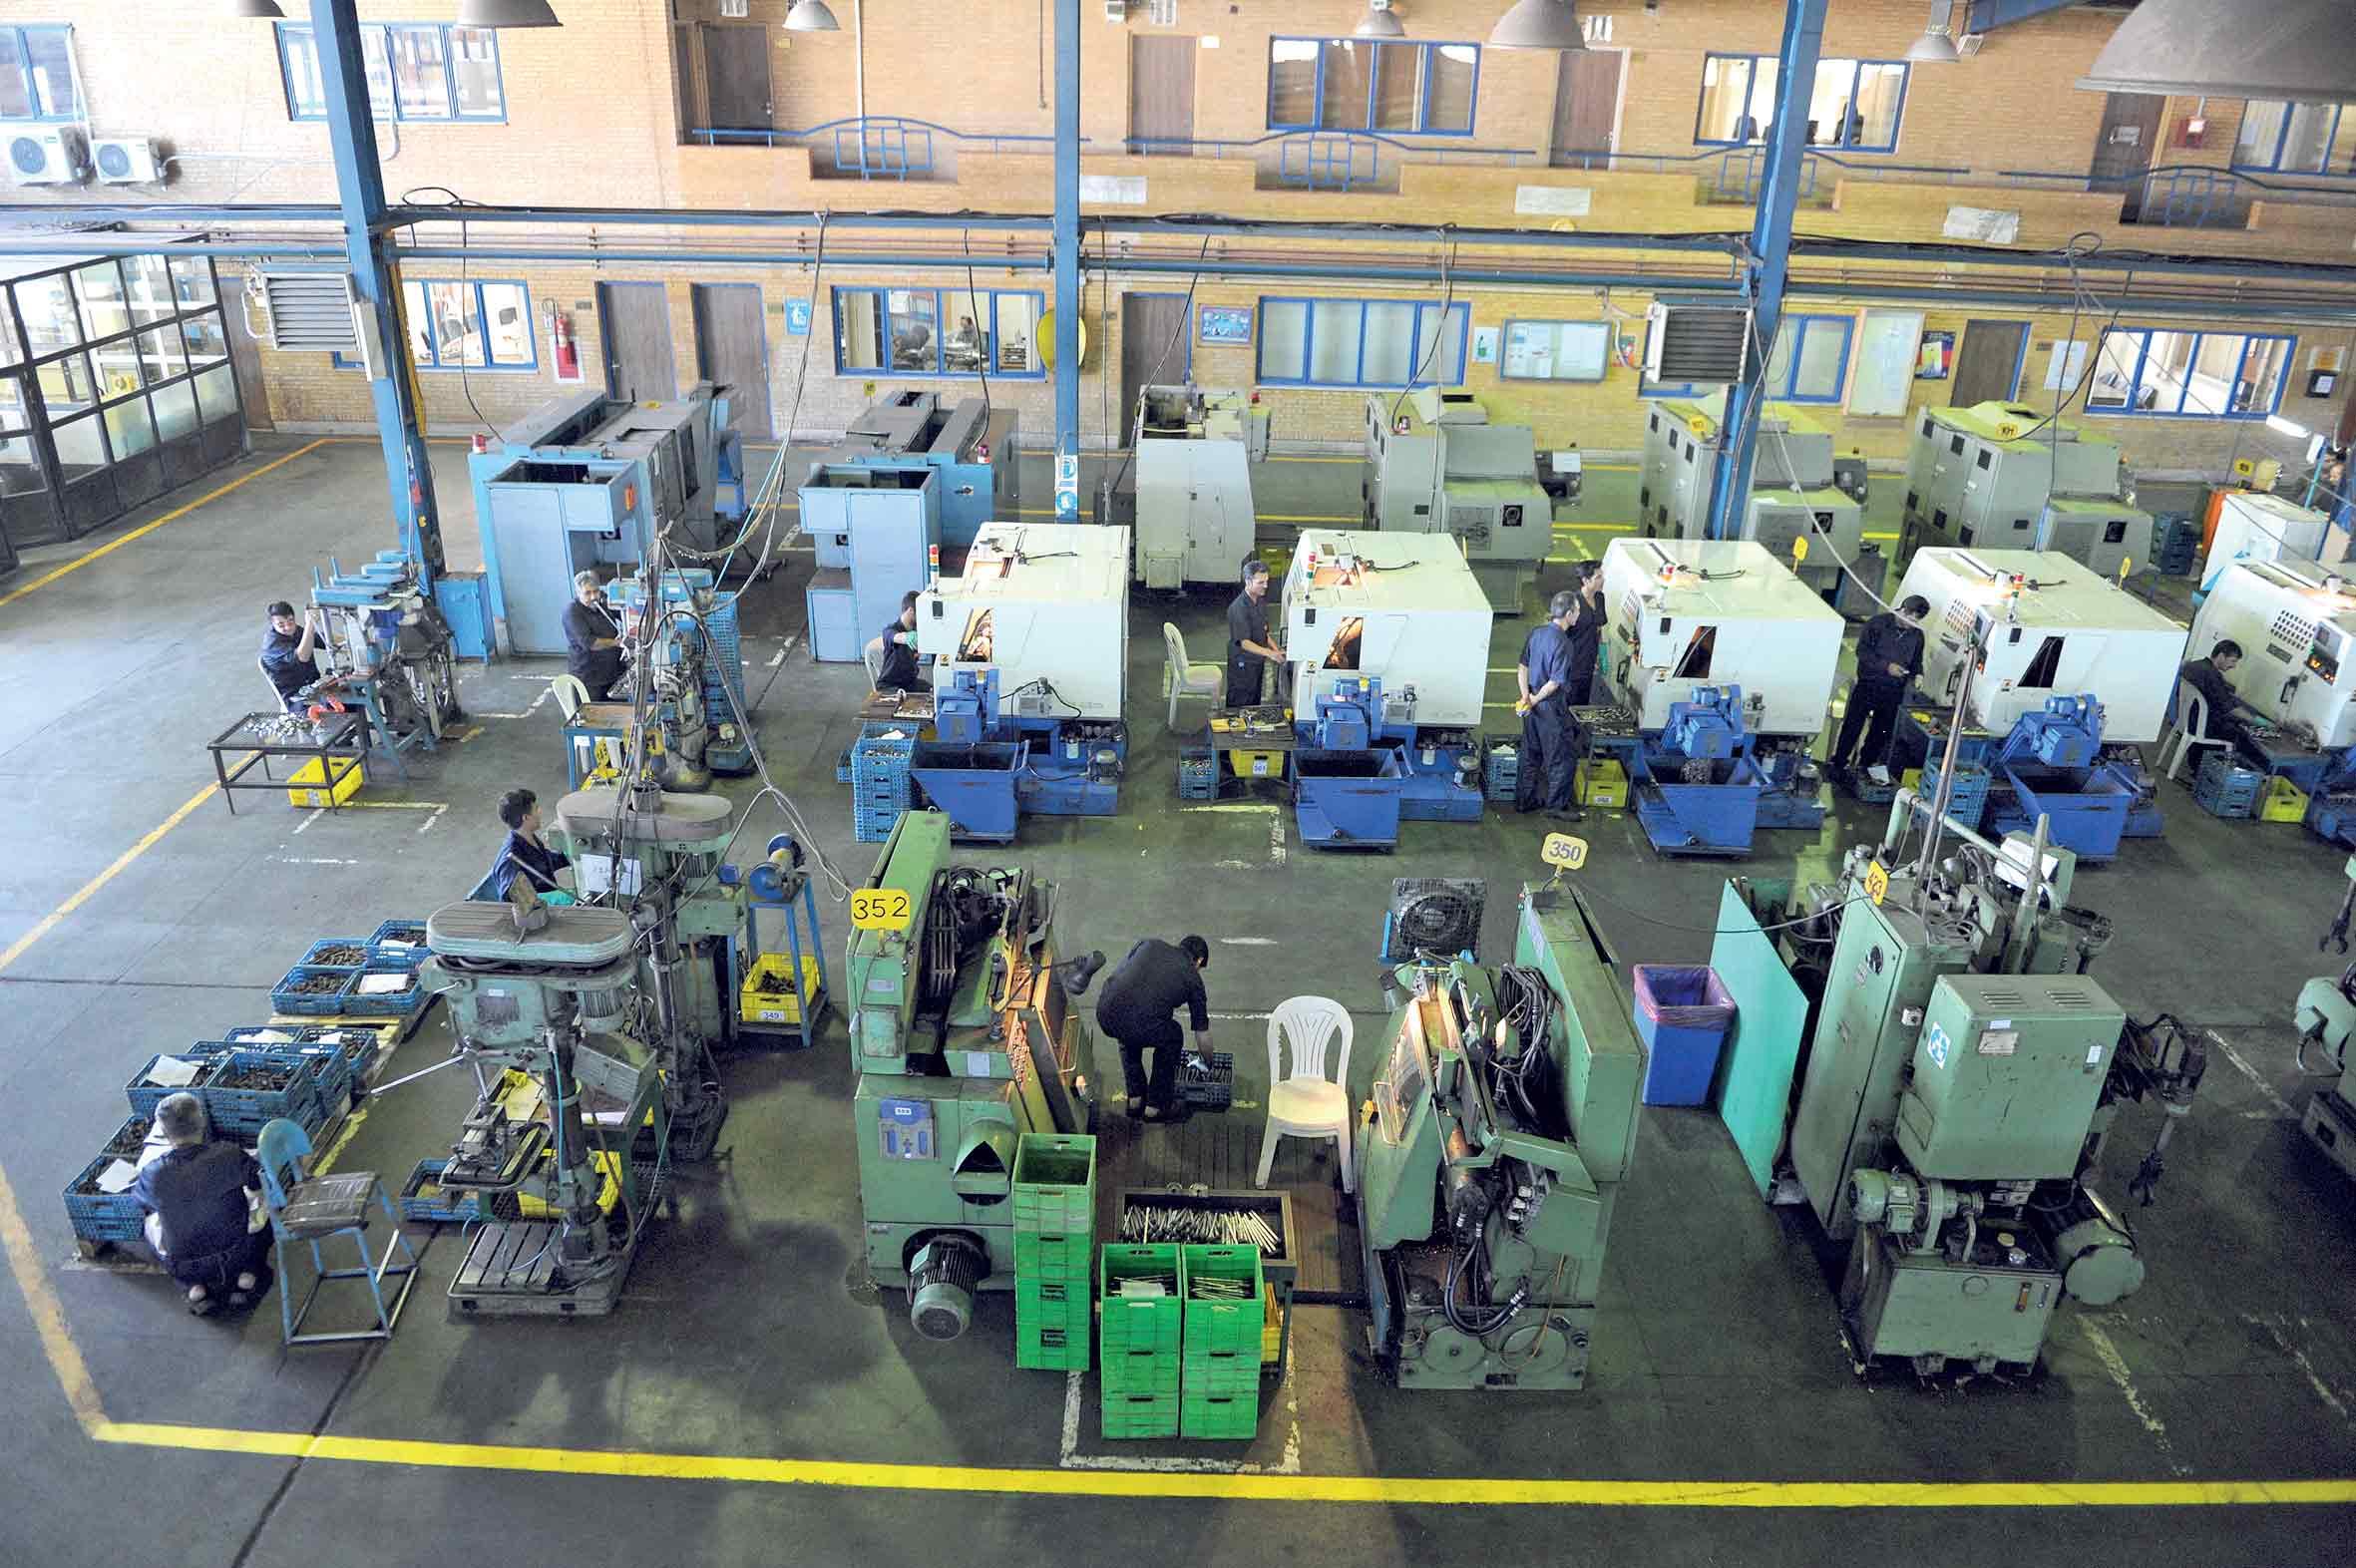 تعیین تکلیف وضعیت تخصیص و تامین ارز واحدهای تولیدی استان مازندران و سایر استانها